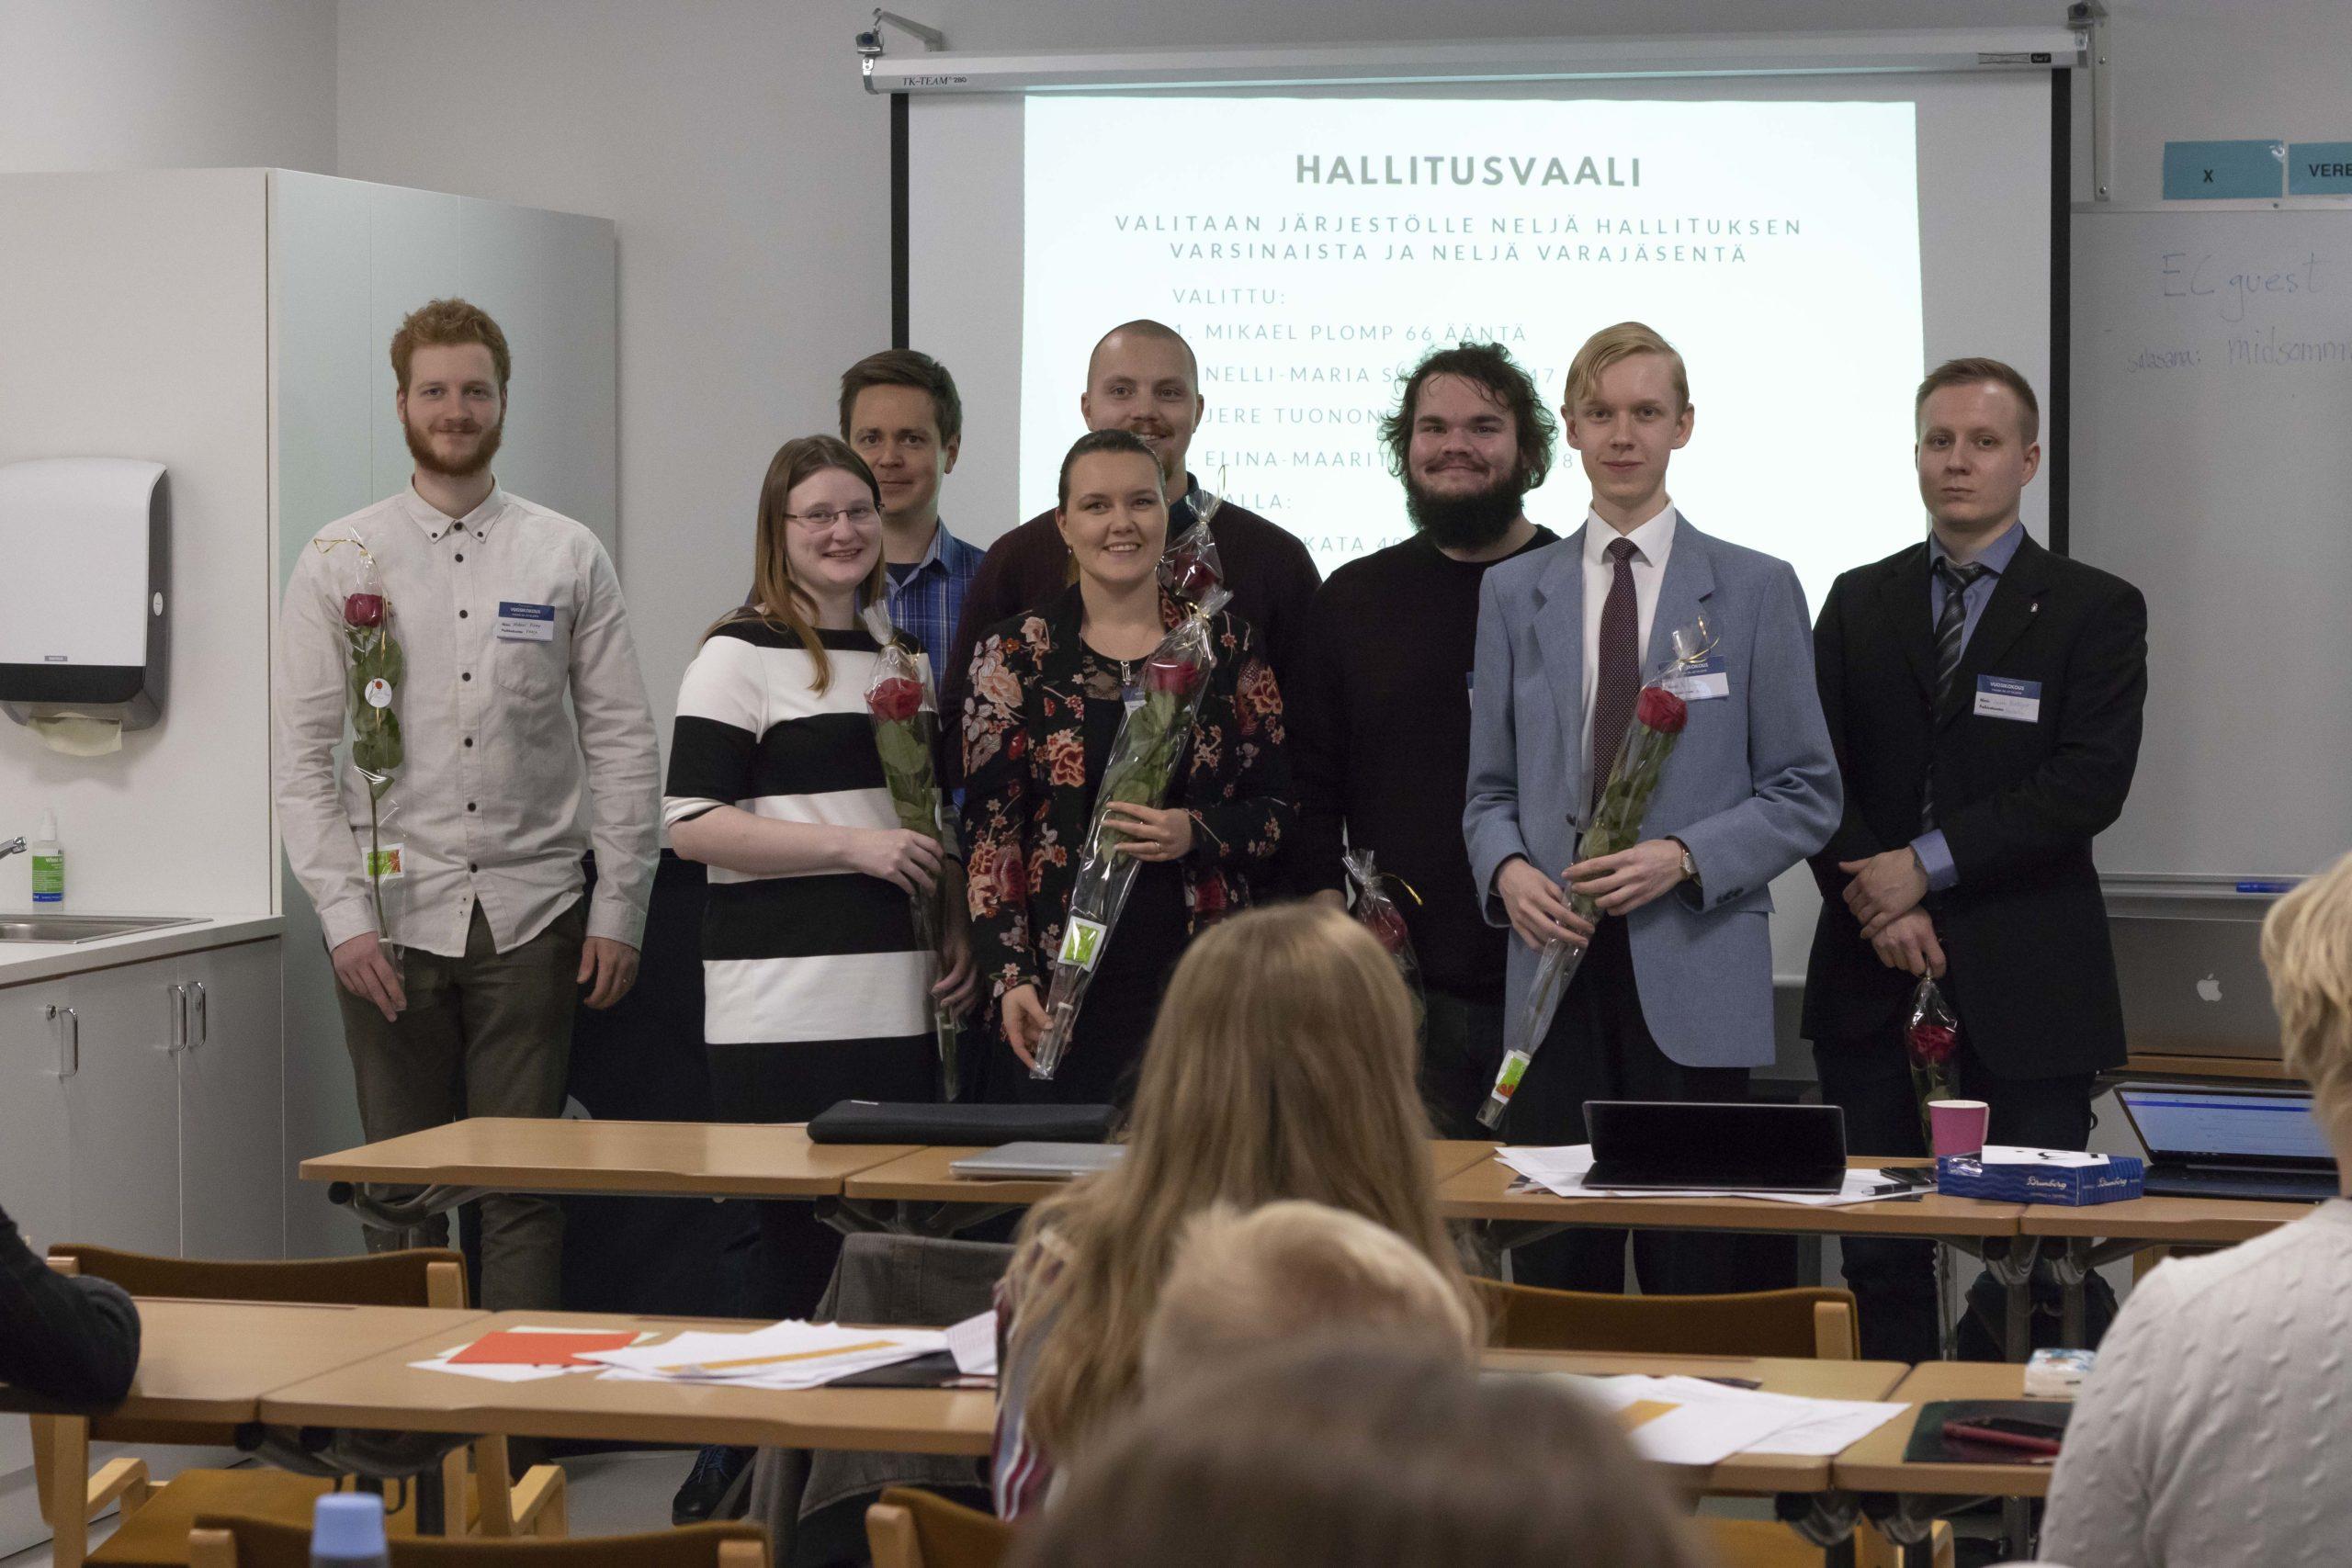 Mikael Plomp sai äänivyöryn – vuosikokous äänesti hallituksen jäsenistä